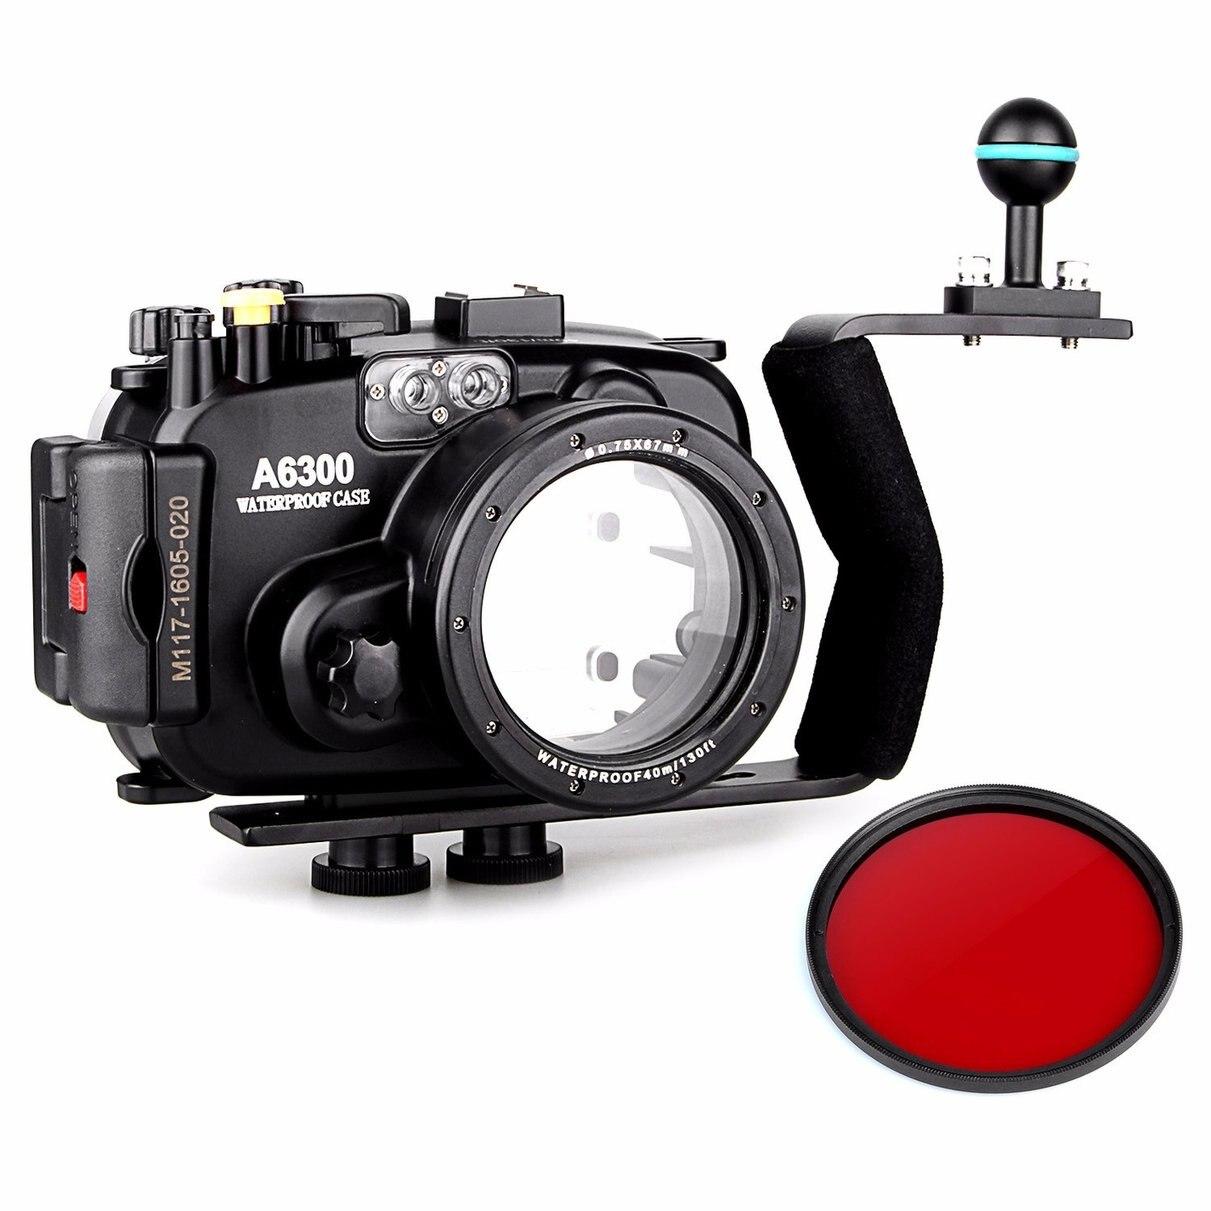 Meikon 40 m/130ft Étanche Caméra Sous-Marine Cas de Logement pour A6300 + 16-50mm Lens Aluminium plongée poignée + 67mm Rouge Filtre